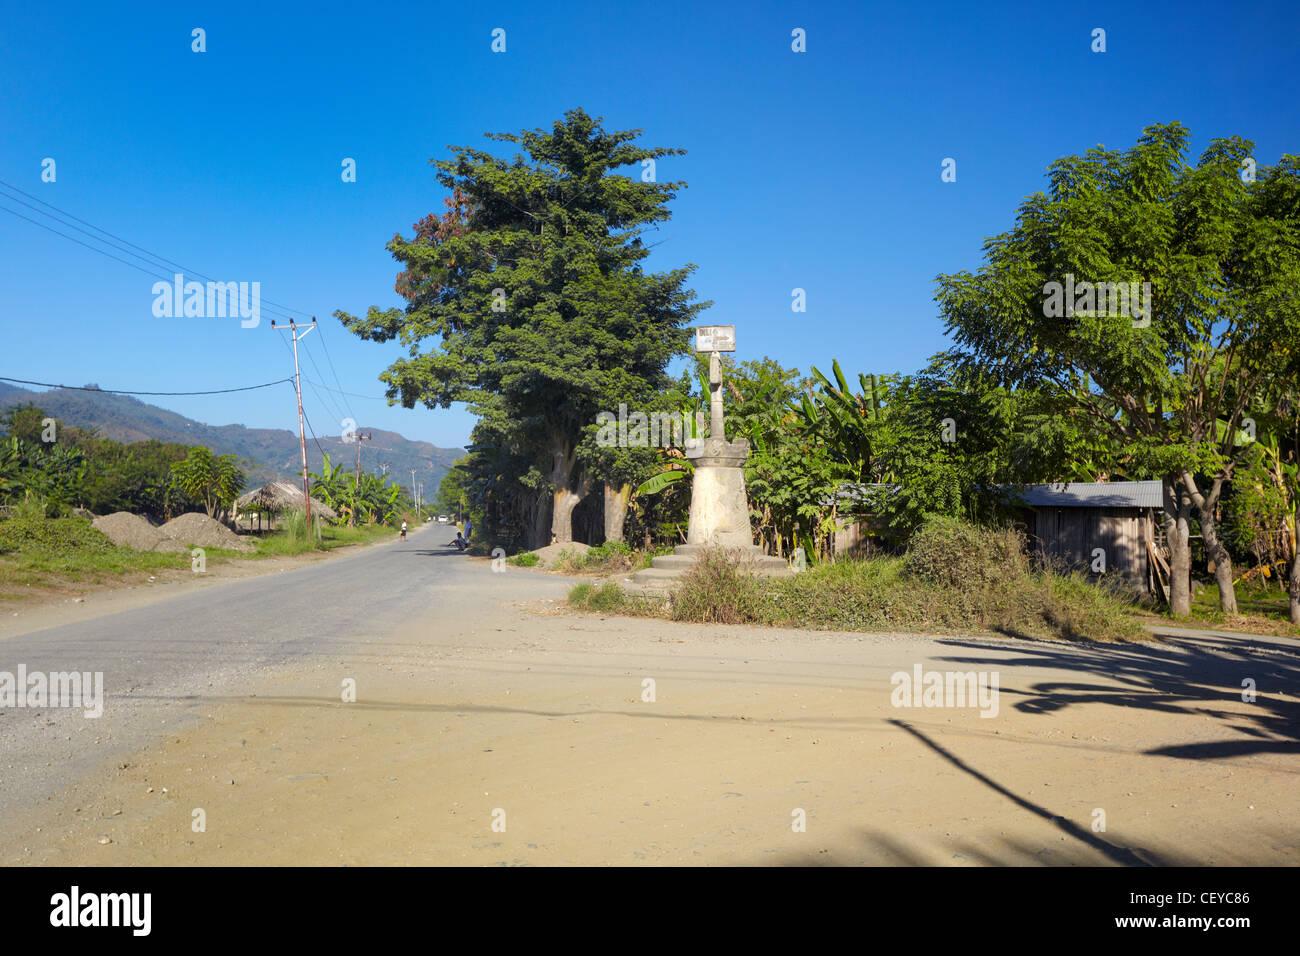 Panneau routier à Dili, Timor-Leste (Timor oriental), l'Asie Banque D'Images